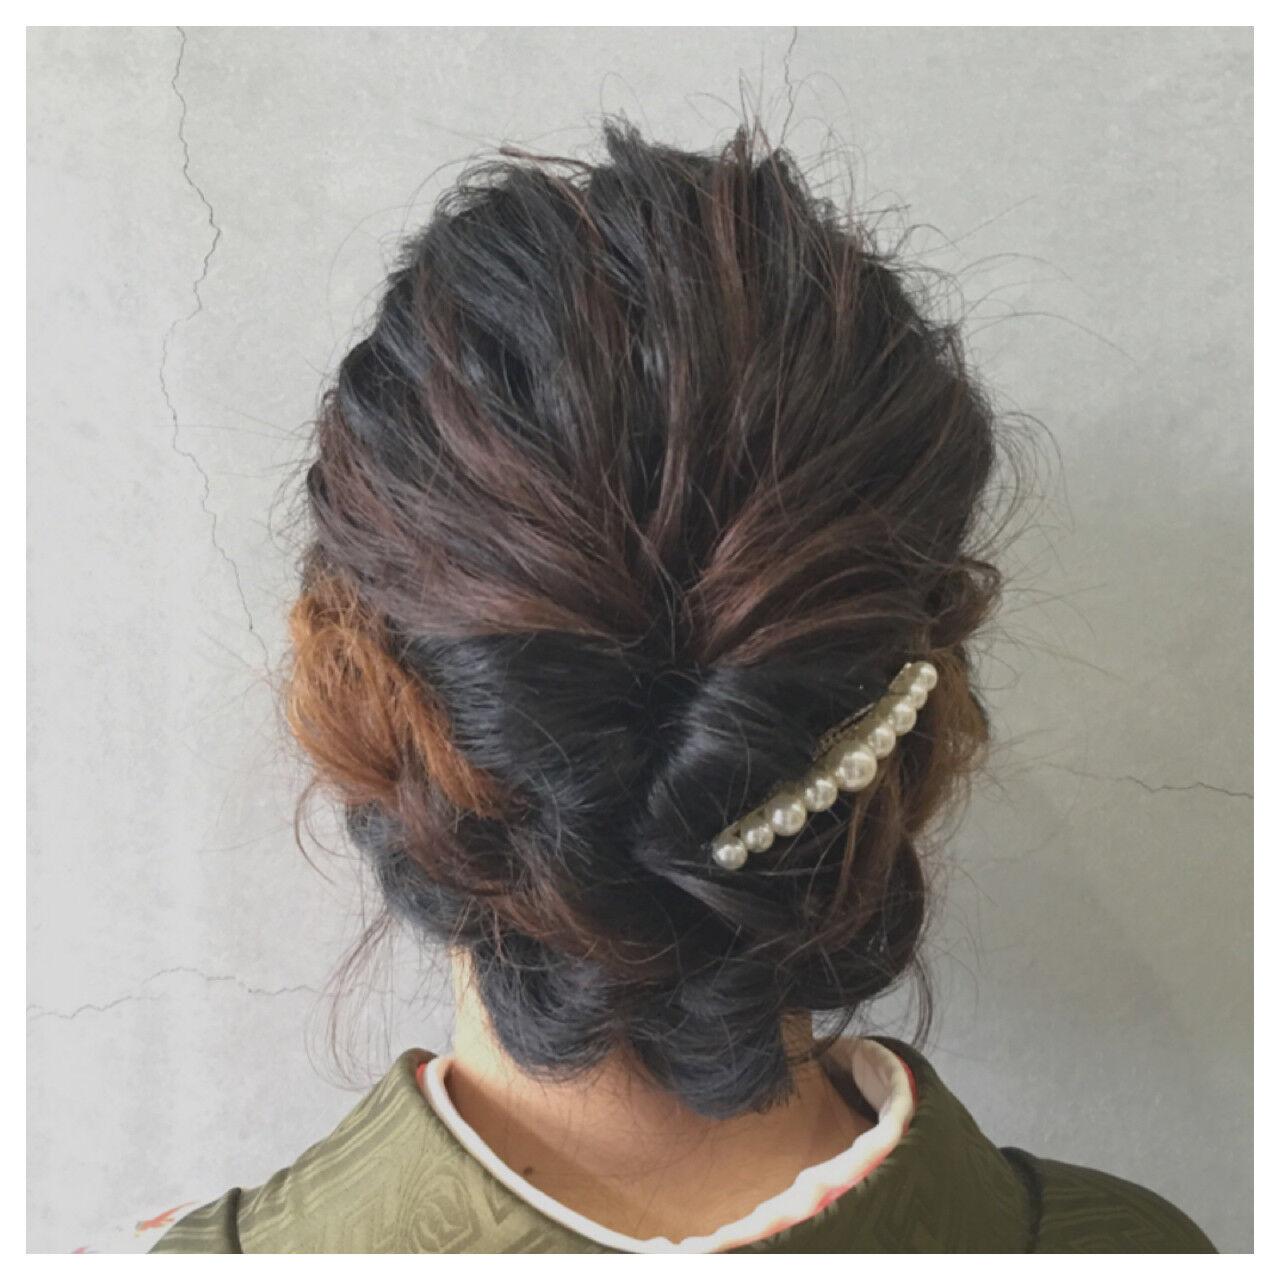 セミロング ゆるふわ 着物 ナチュラルヘアスタイルや髪型の写真・画像